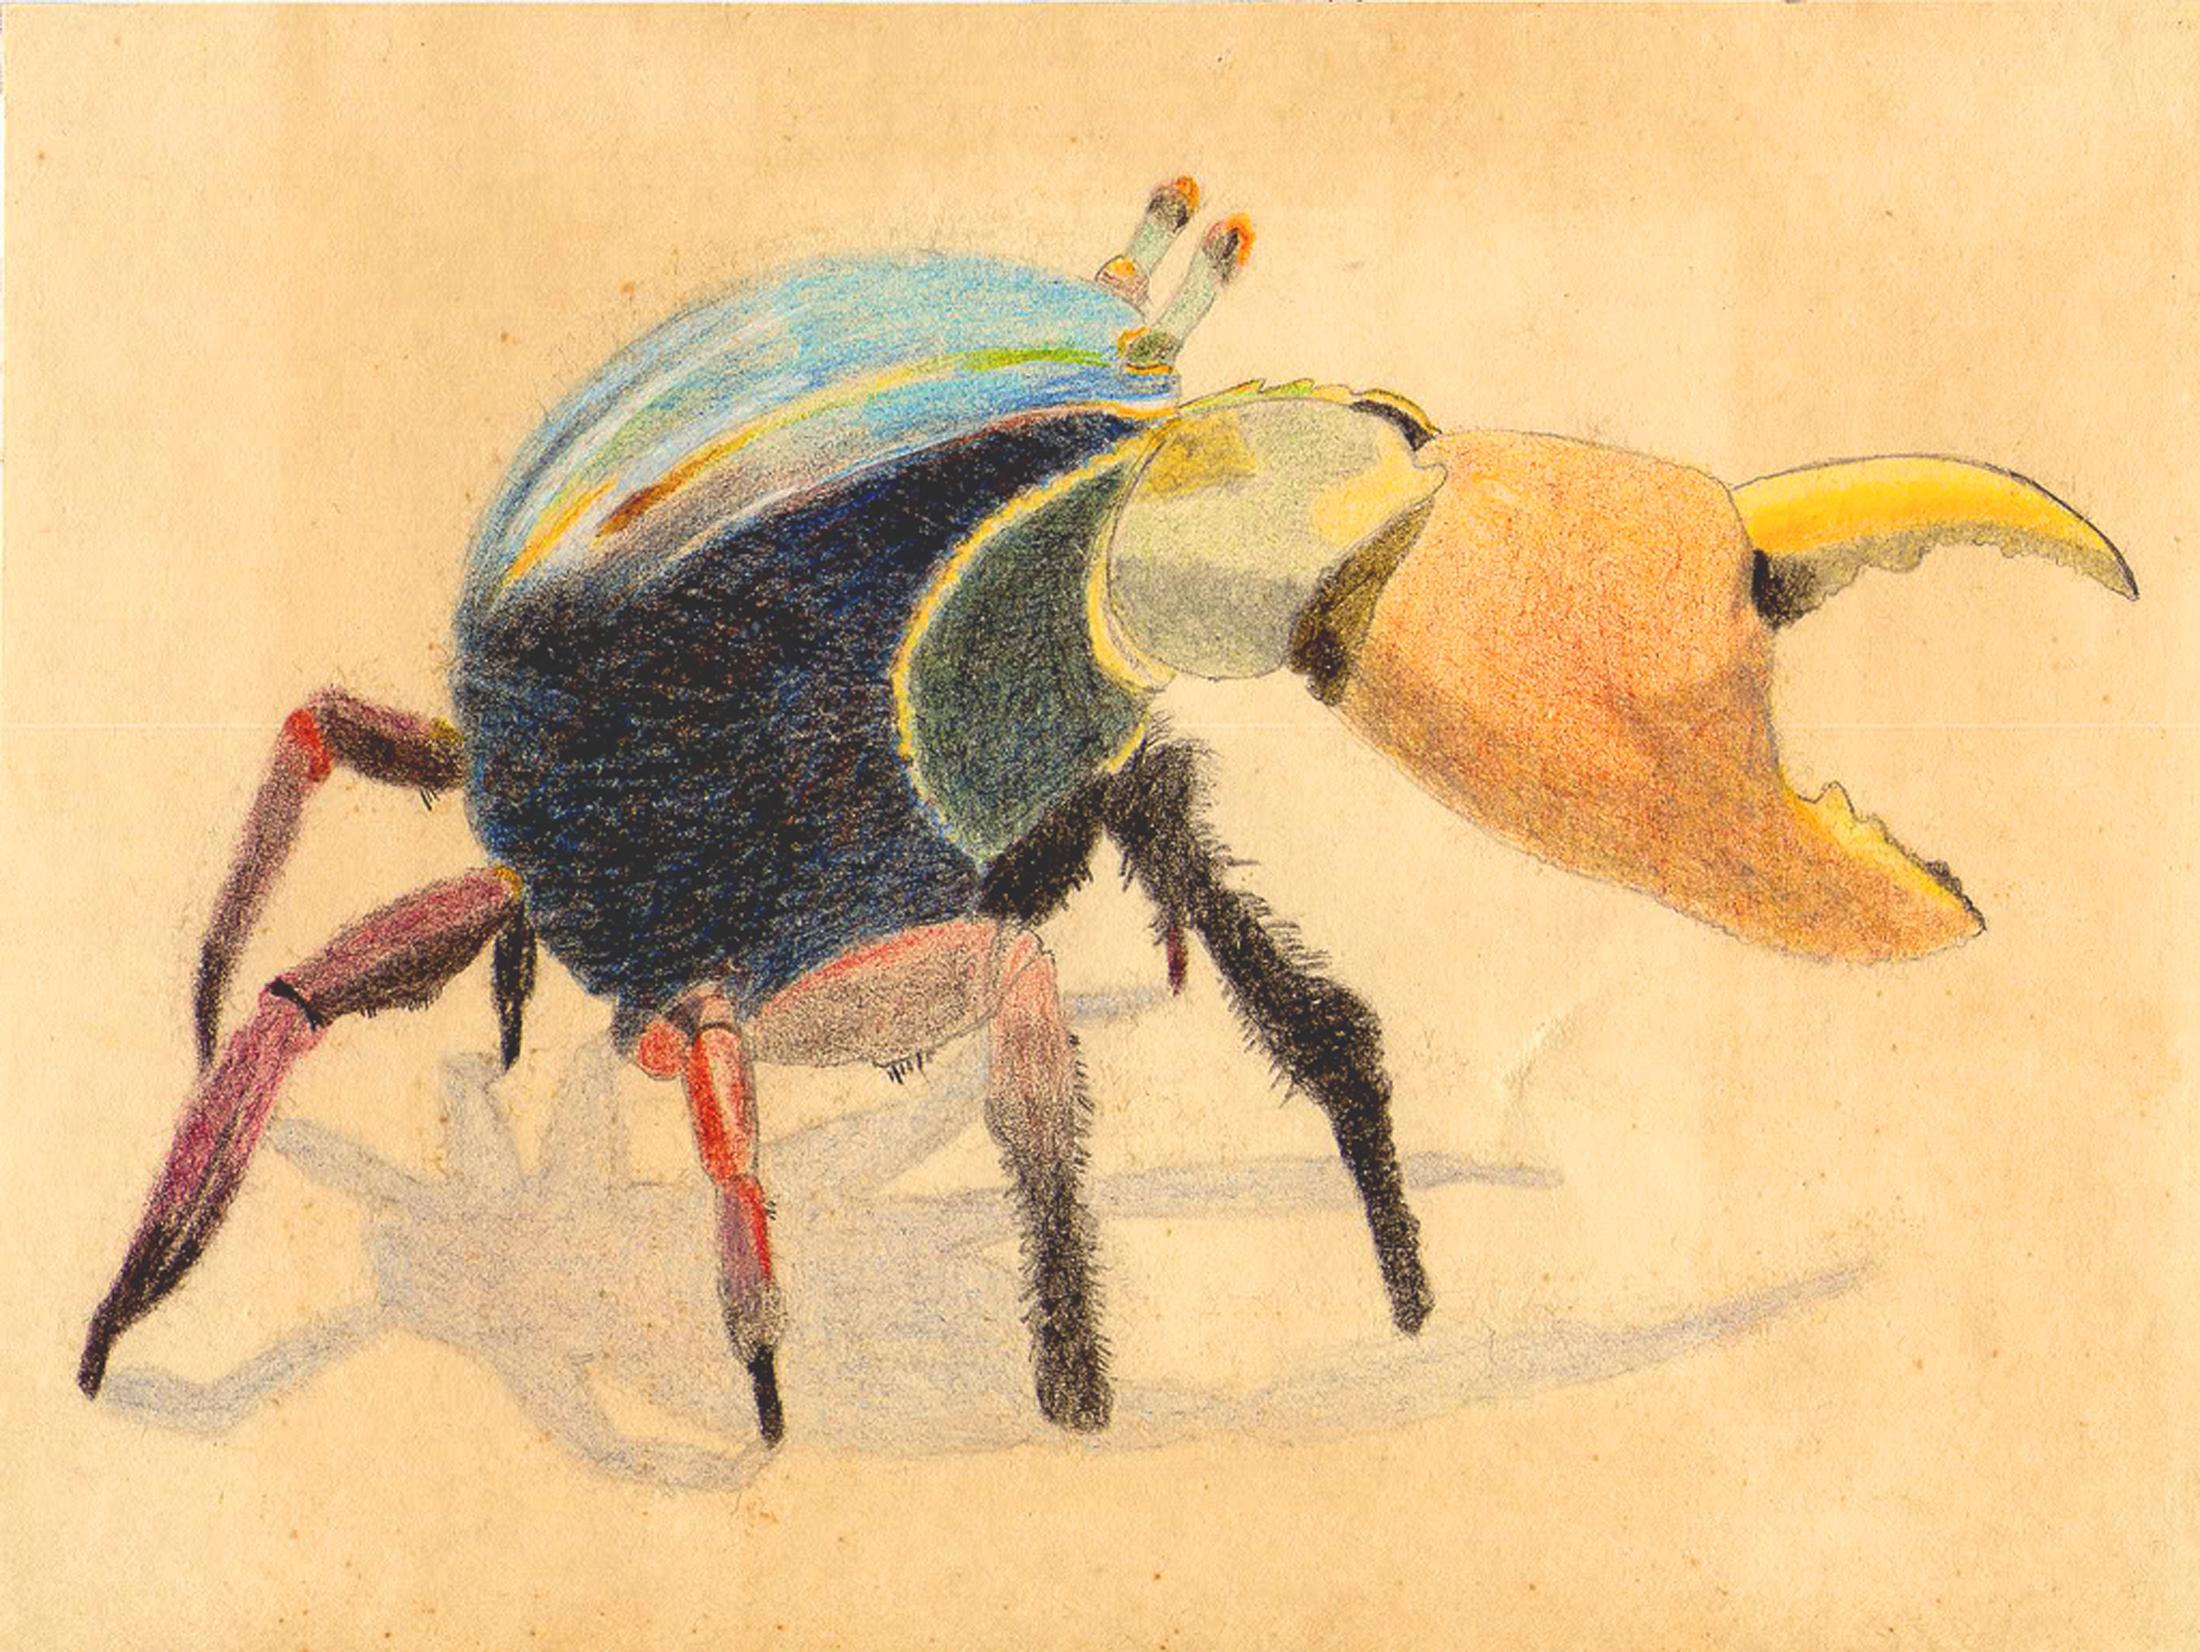 Animal - Artistic  Crab Original Artwork Wallpaper